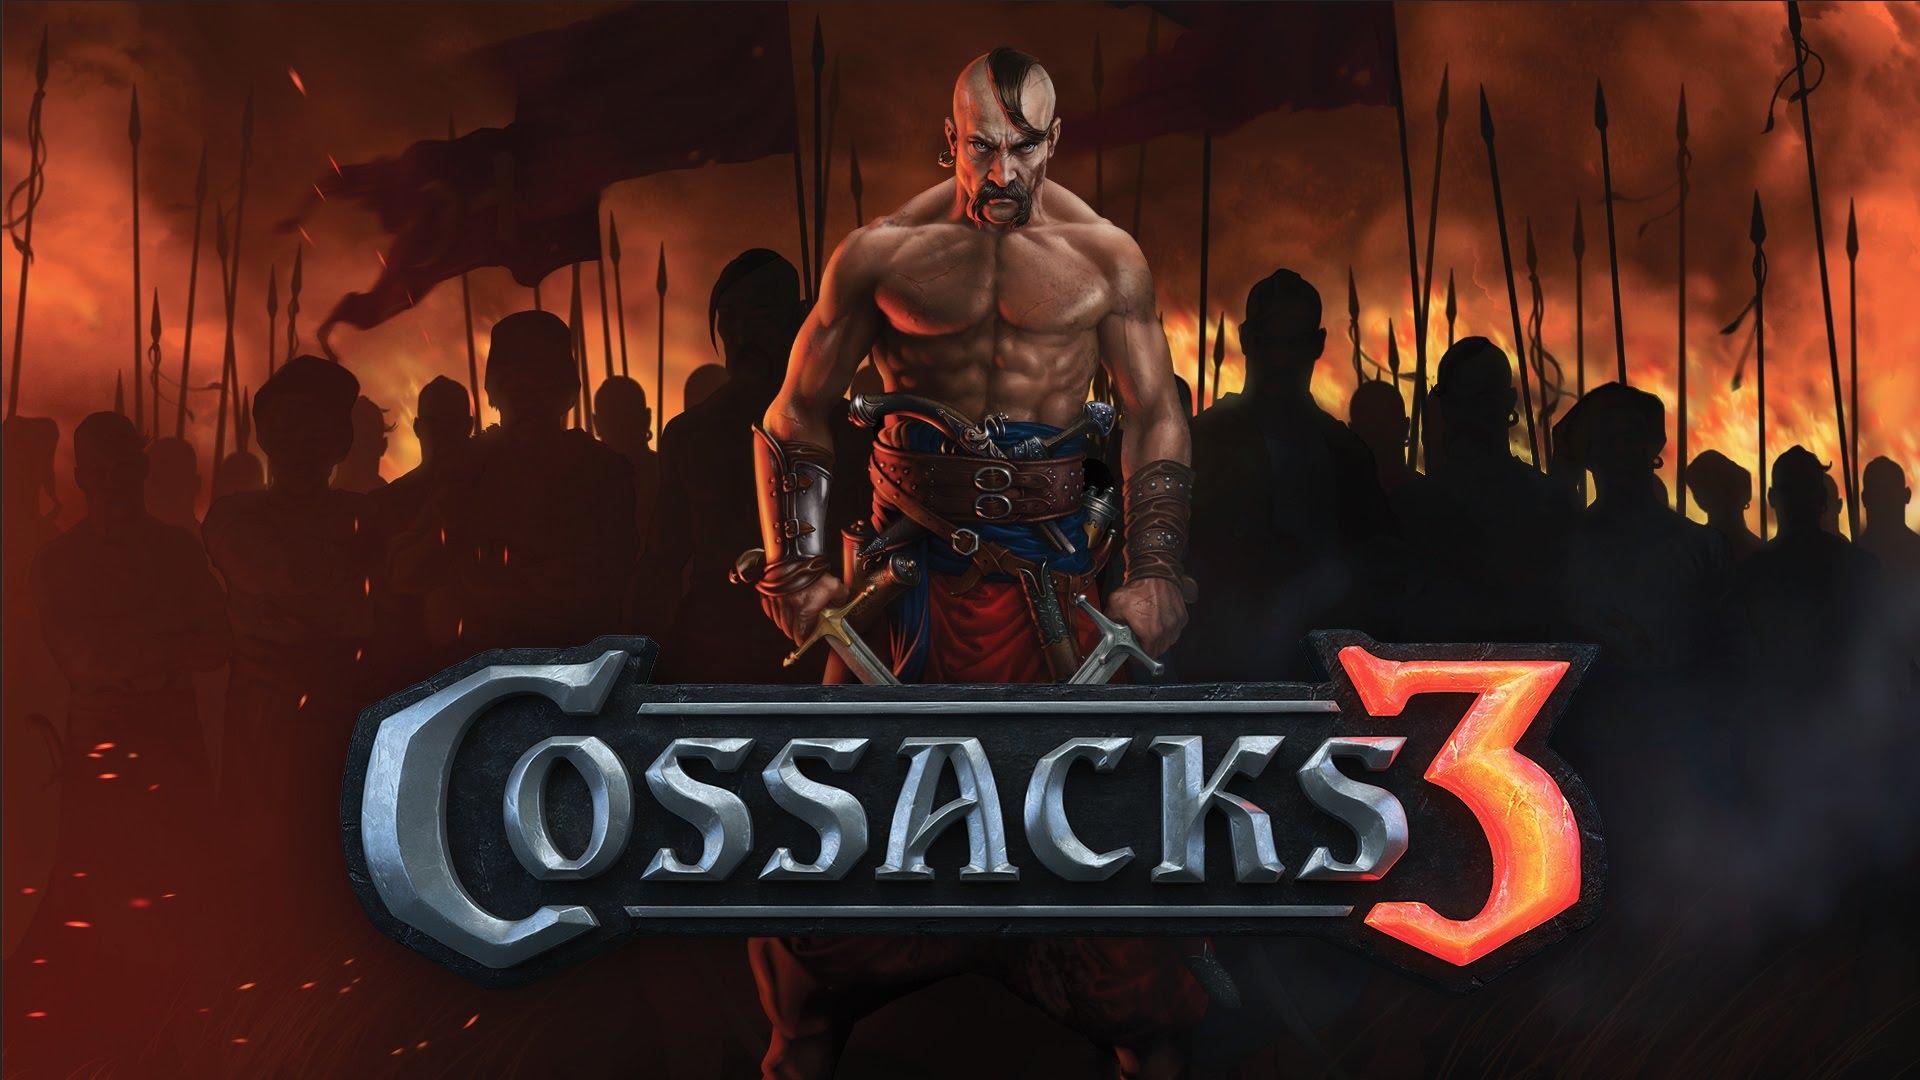 Решение часто задаваемых вопросов в игре Сossacks